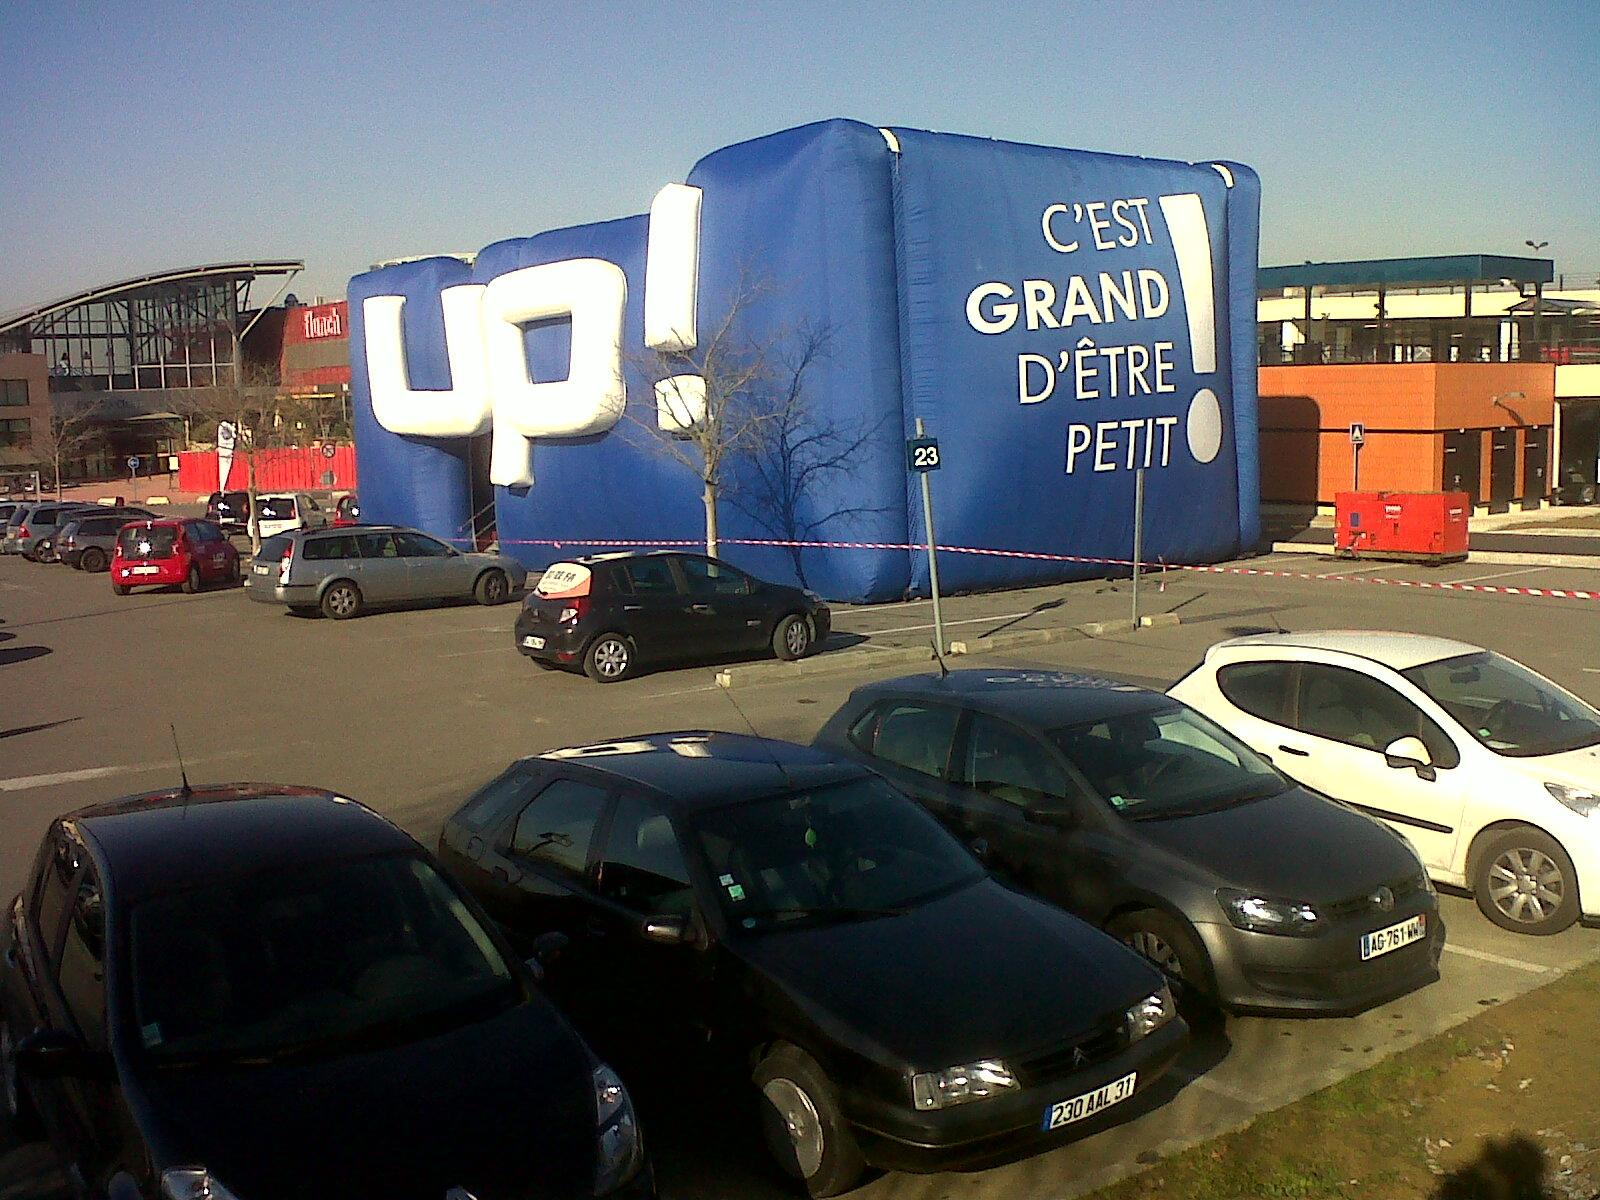 Espace Gramont